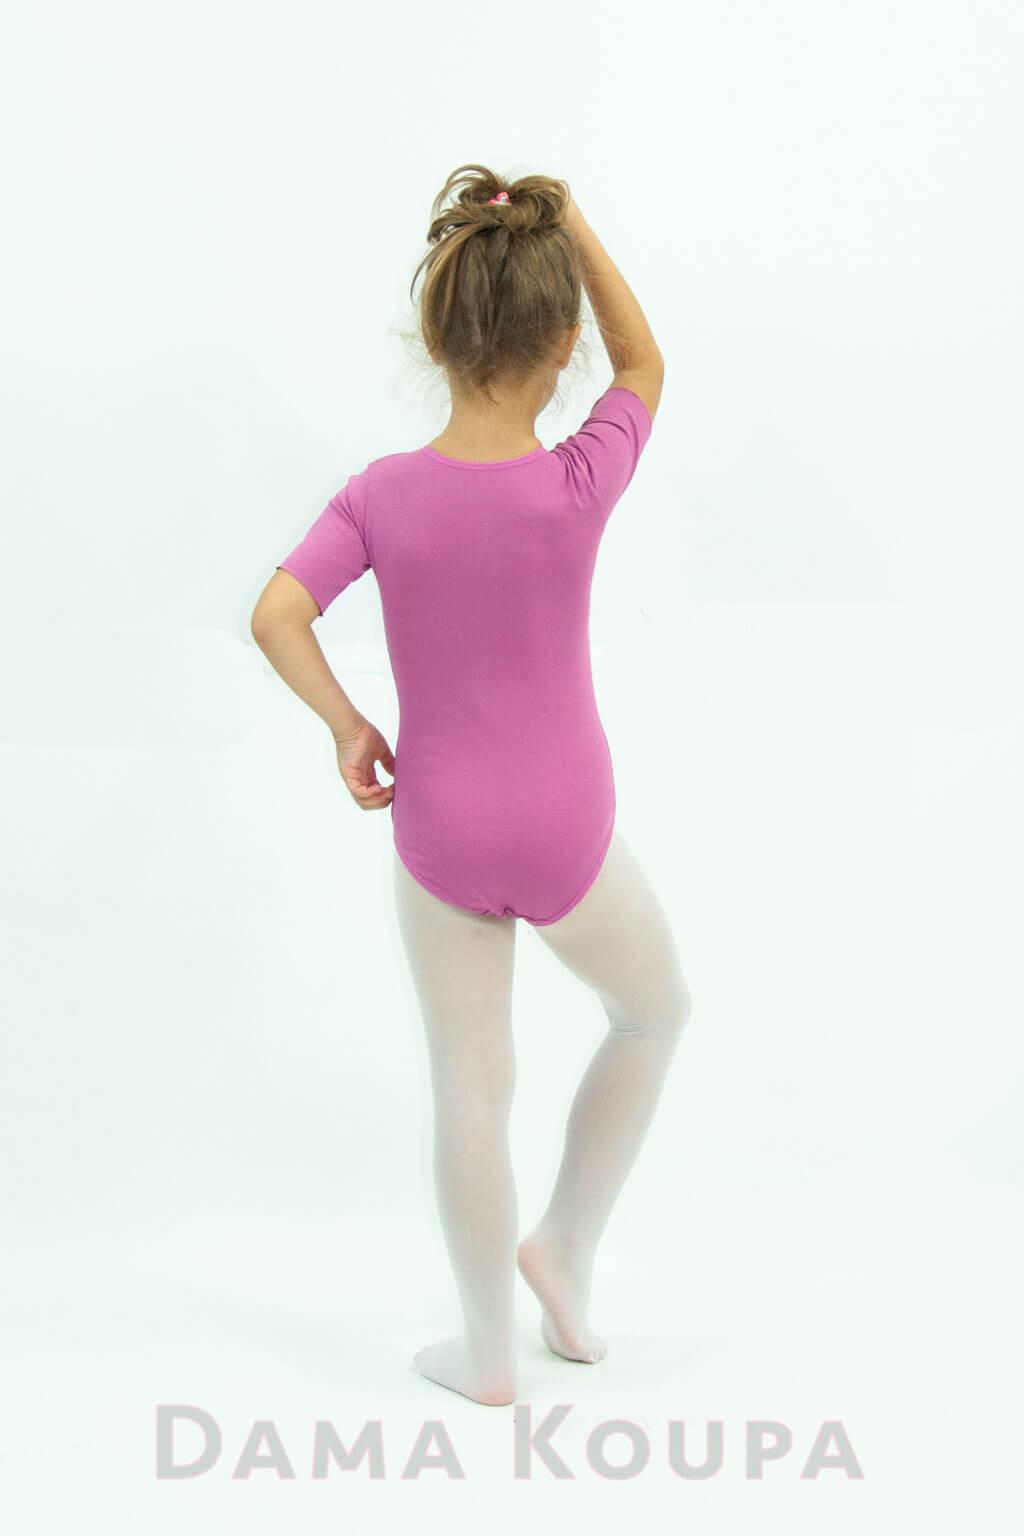 2271049f781 Παιδικό κορμάκι γυμναστικής σε ροζ χρώμα κοντό μανίκι Ροζ κορμάκι ρυθμικής  για παιδιά ...